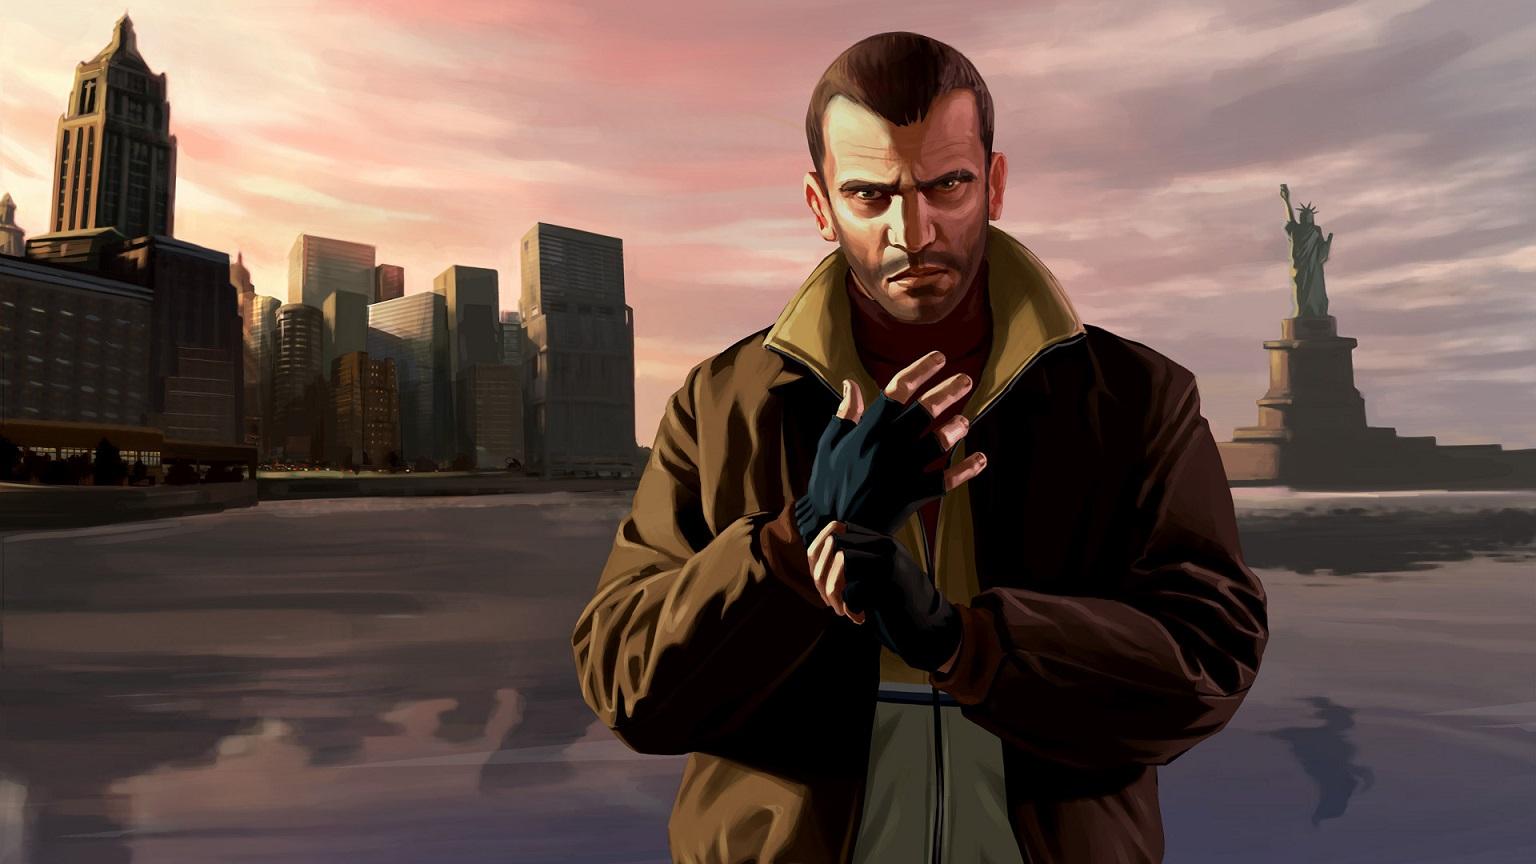 Фанаты создали мод для появления мультиплеера в GTA 4